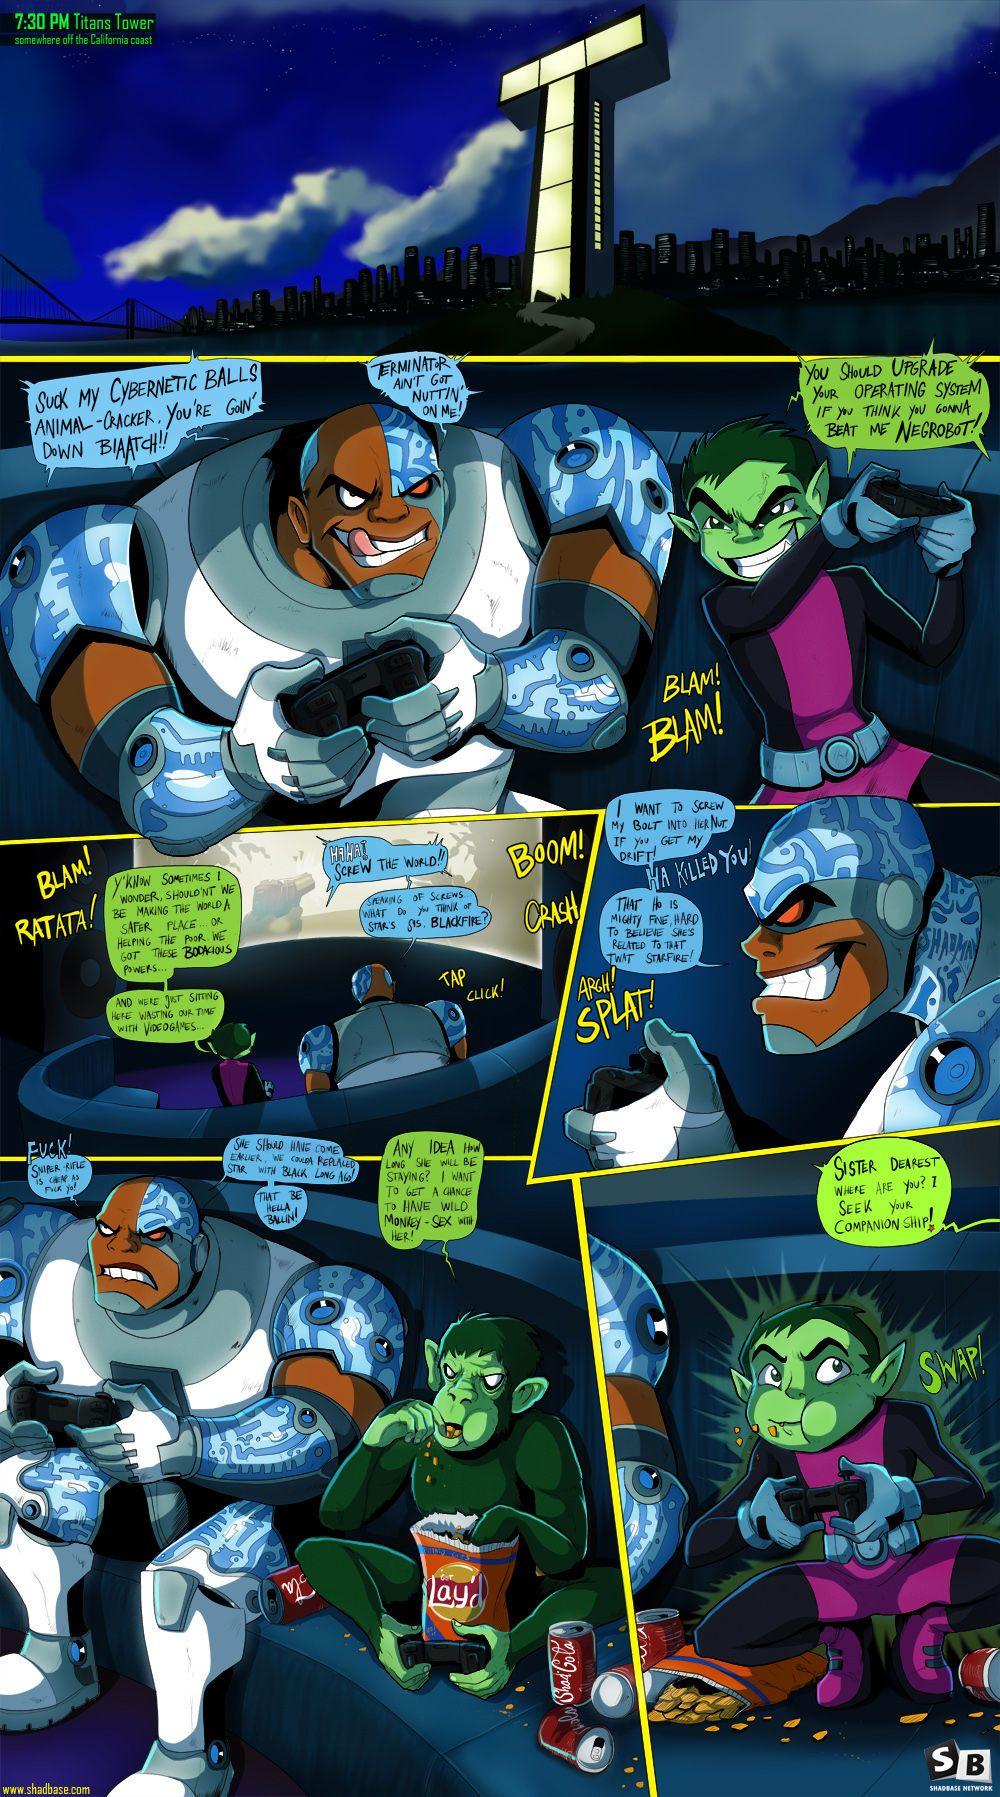 [RealShadman] Teen Titans Go! Fuck (Teen Titans) [Ongoing]